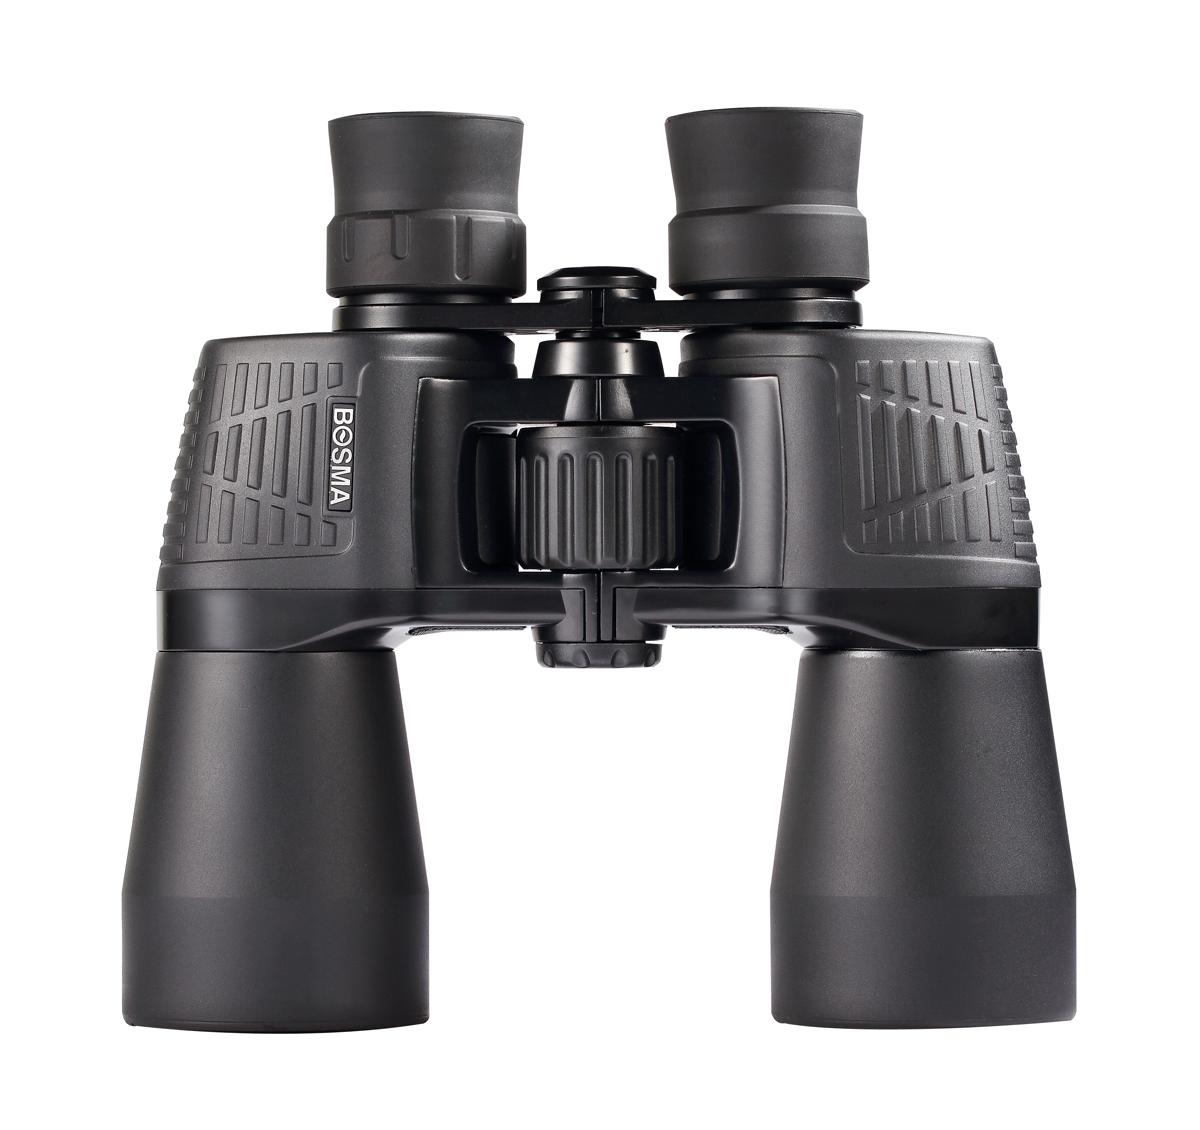 博冠望远镜猎手II 7x35/50 8x40 10x50双筒高清高倍微光夜视防水